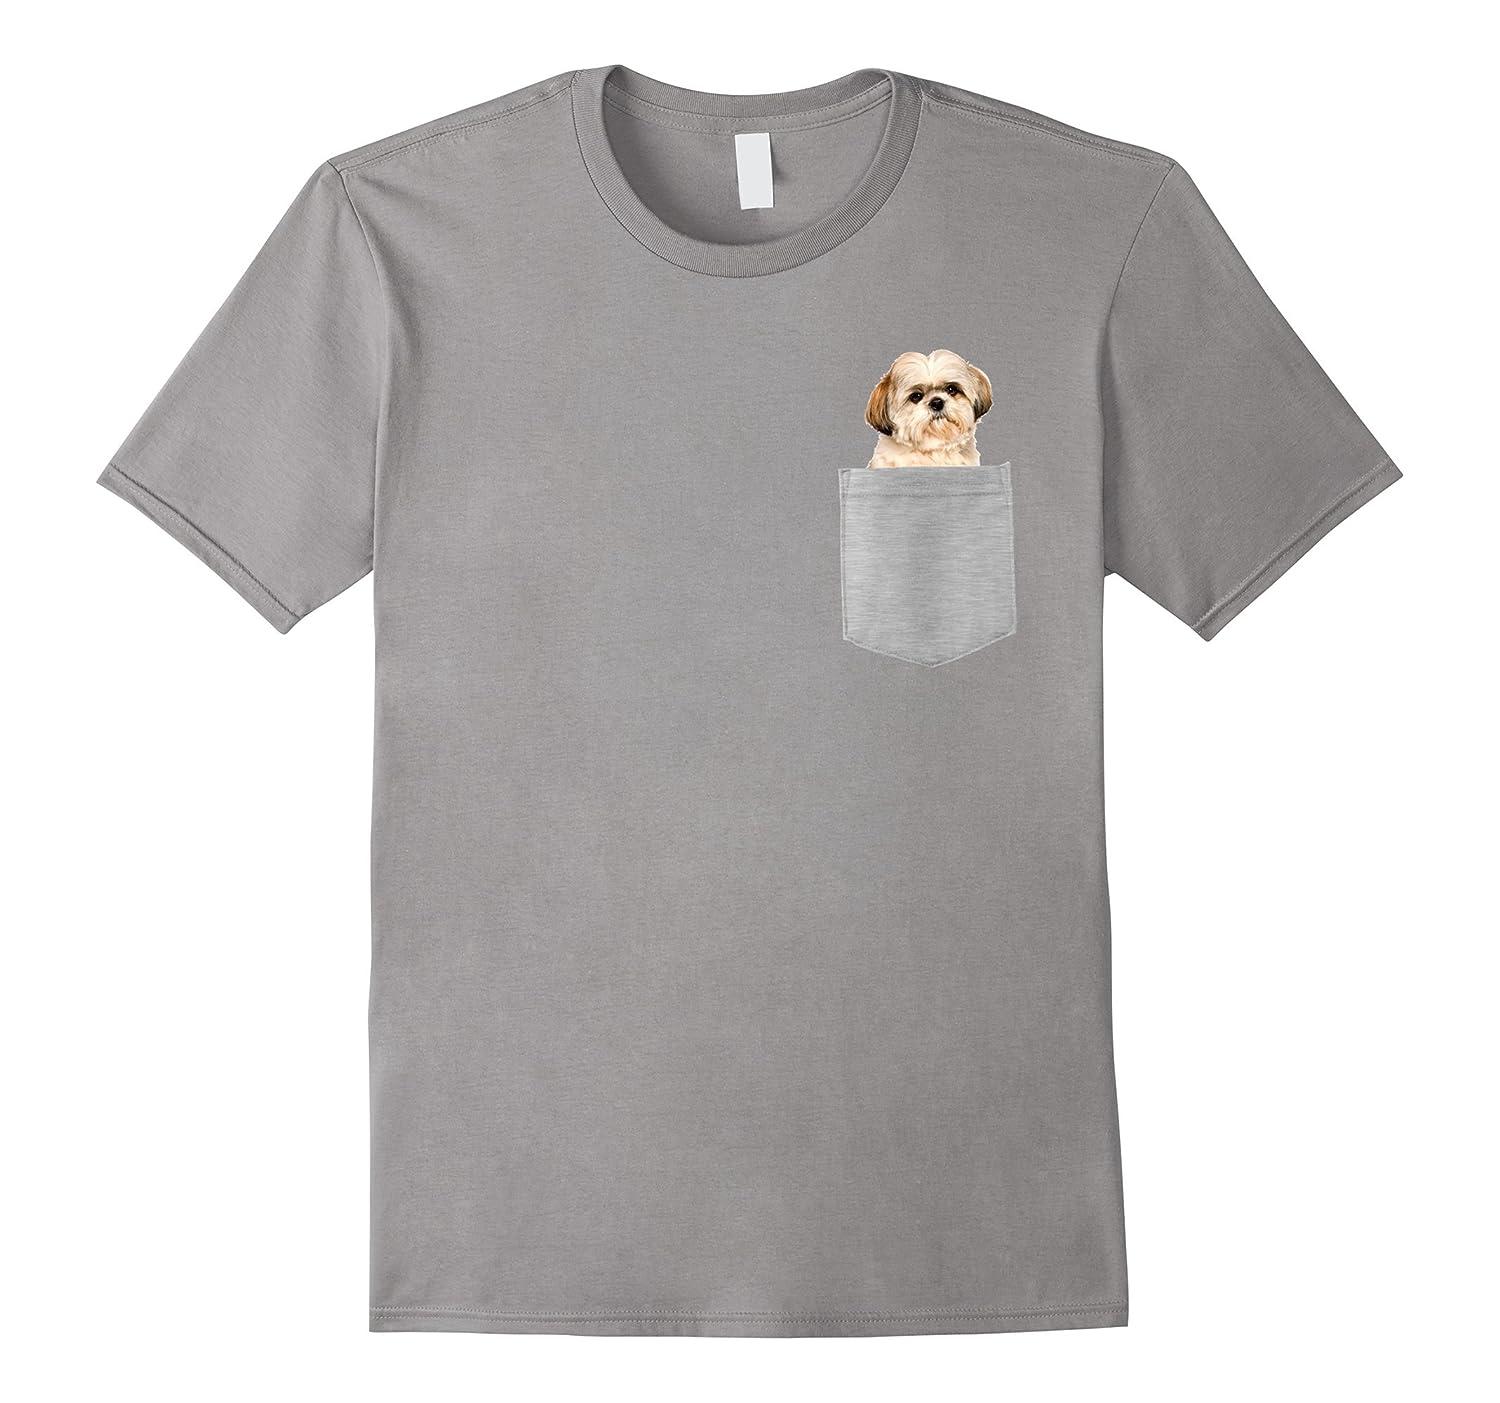 Dog in Your Pocket Shih Tzu t shirt tee shirt-Art